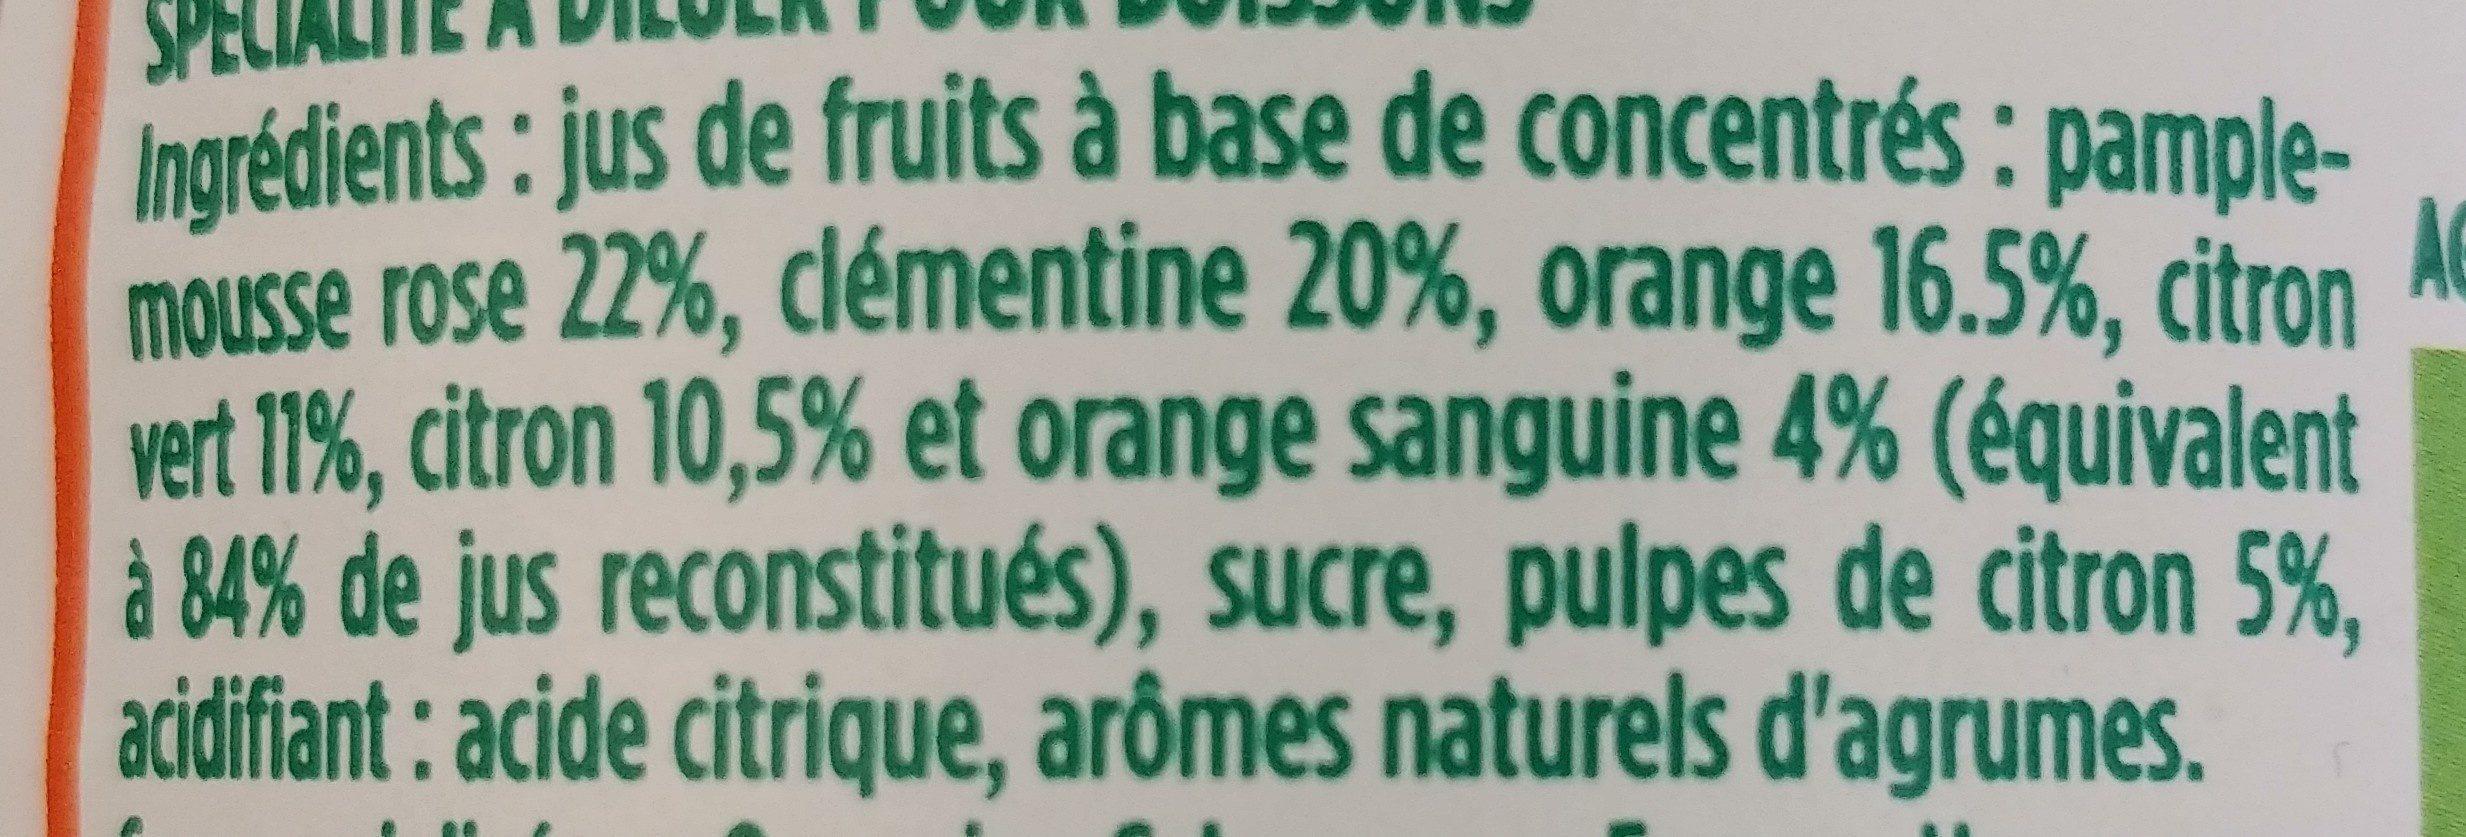 Pulco Agrumes à diluer - Ingrediënten - fr